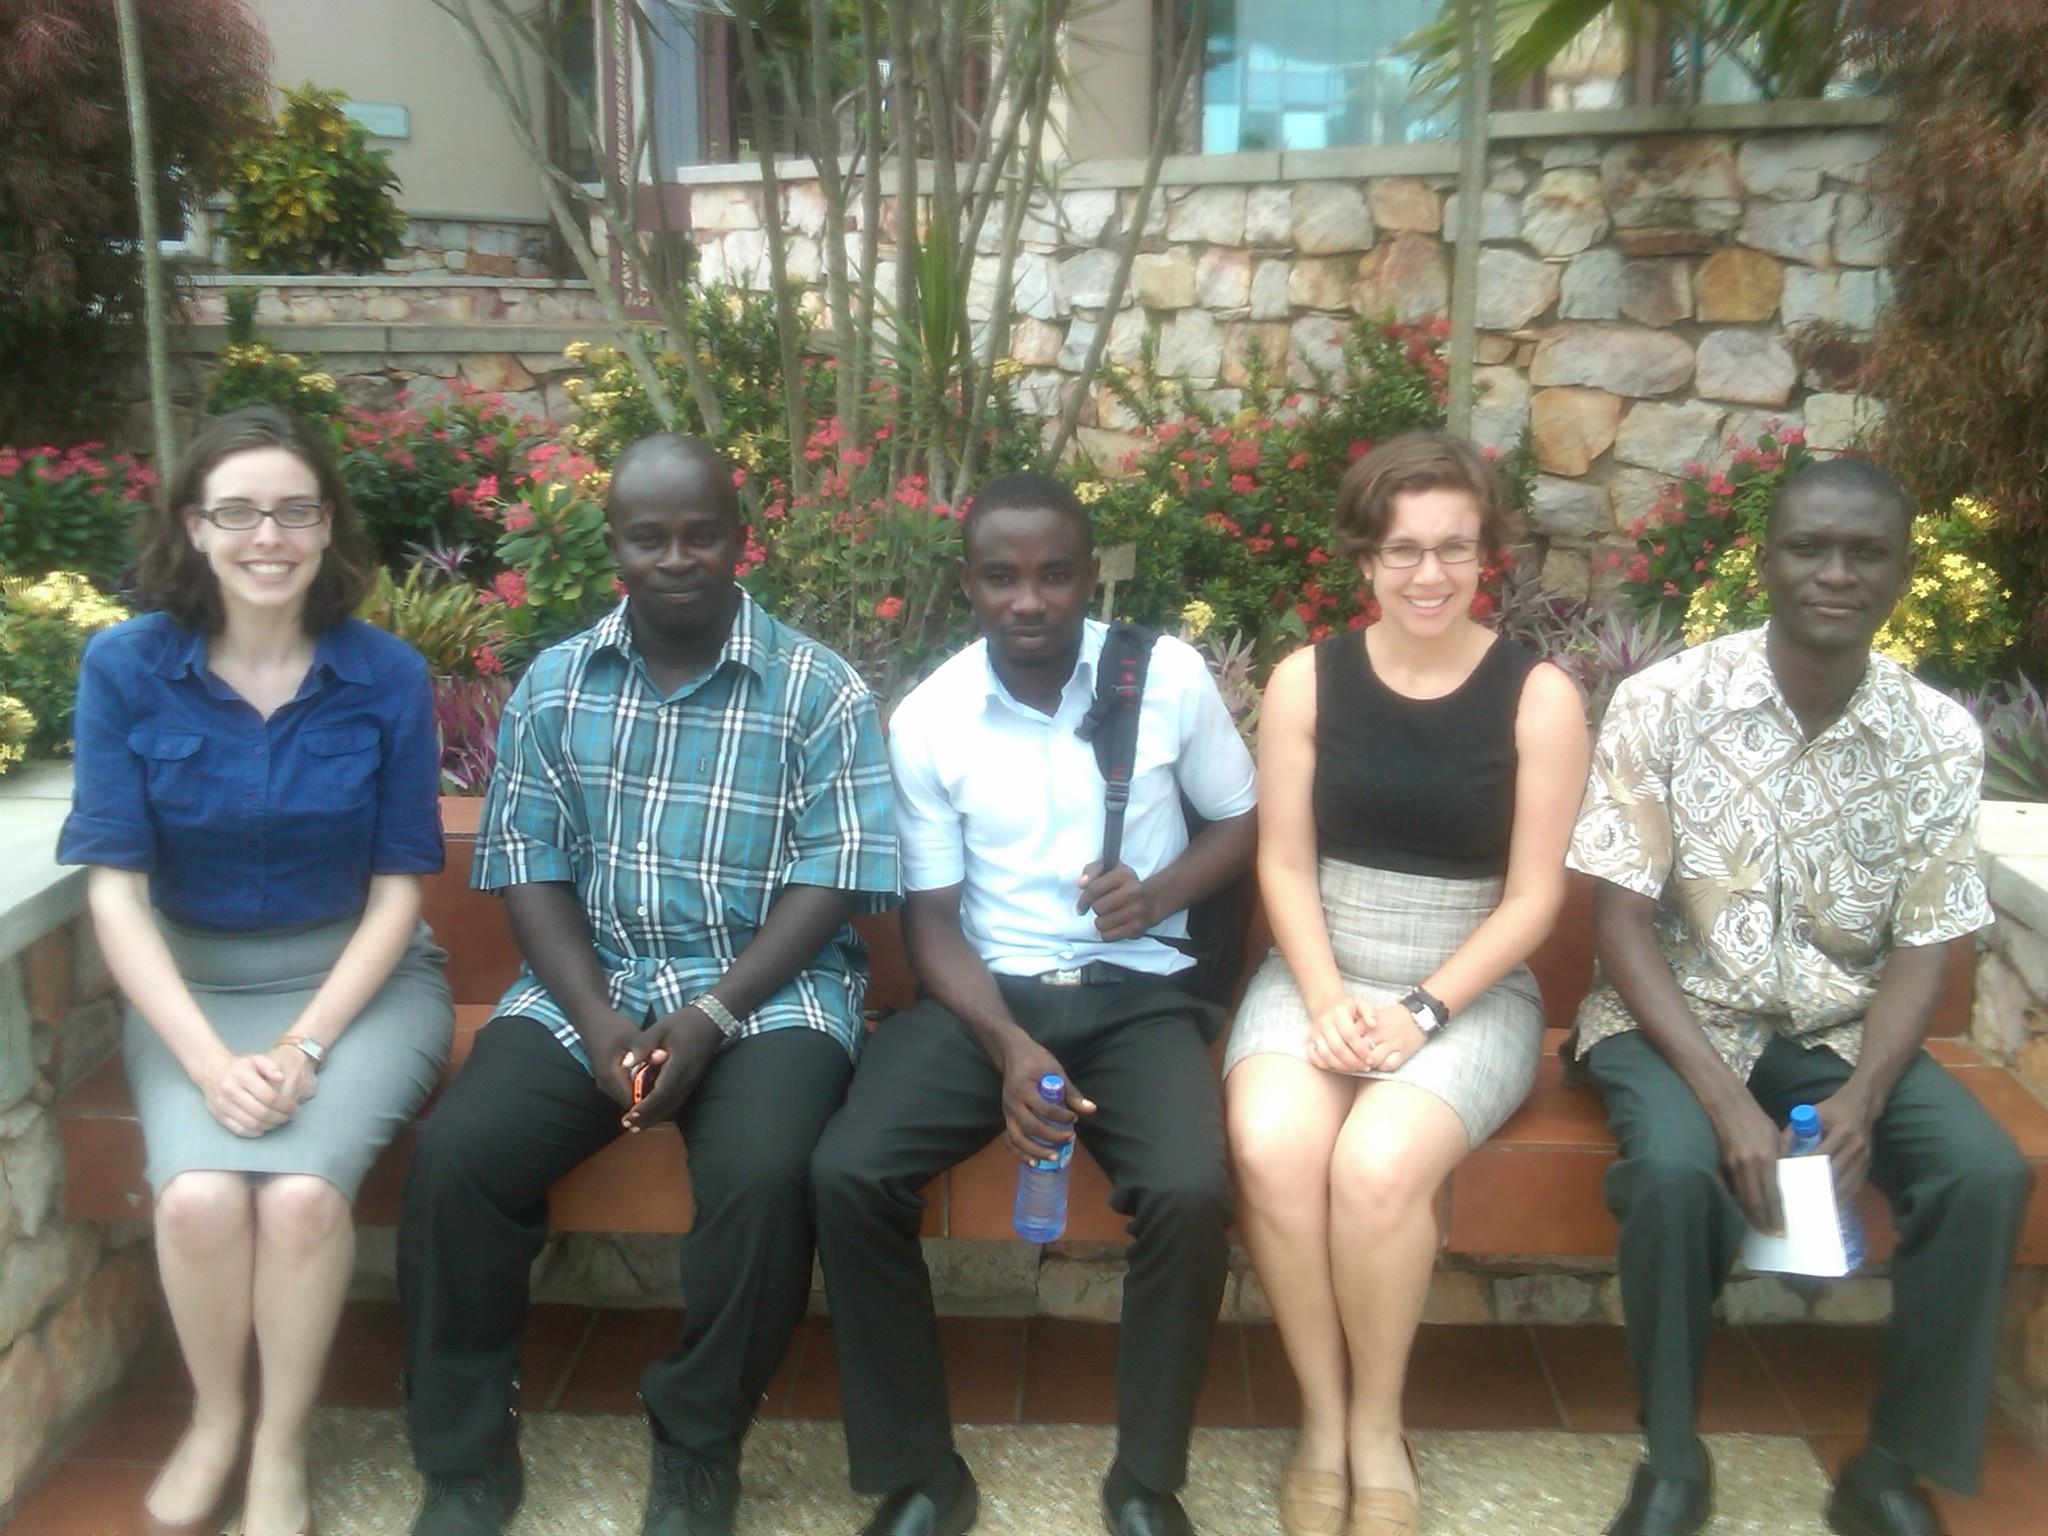 From left to right, Gill Henker (Sisu Global Health), Dr. Stephen Armah (professor of Economics), Isaac (Dr. Armah's TA), Katie Kirsch (Sisu Global Health) and Jude (student of entrepreneurship)